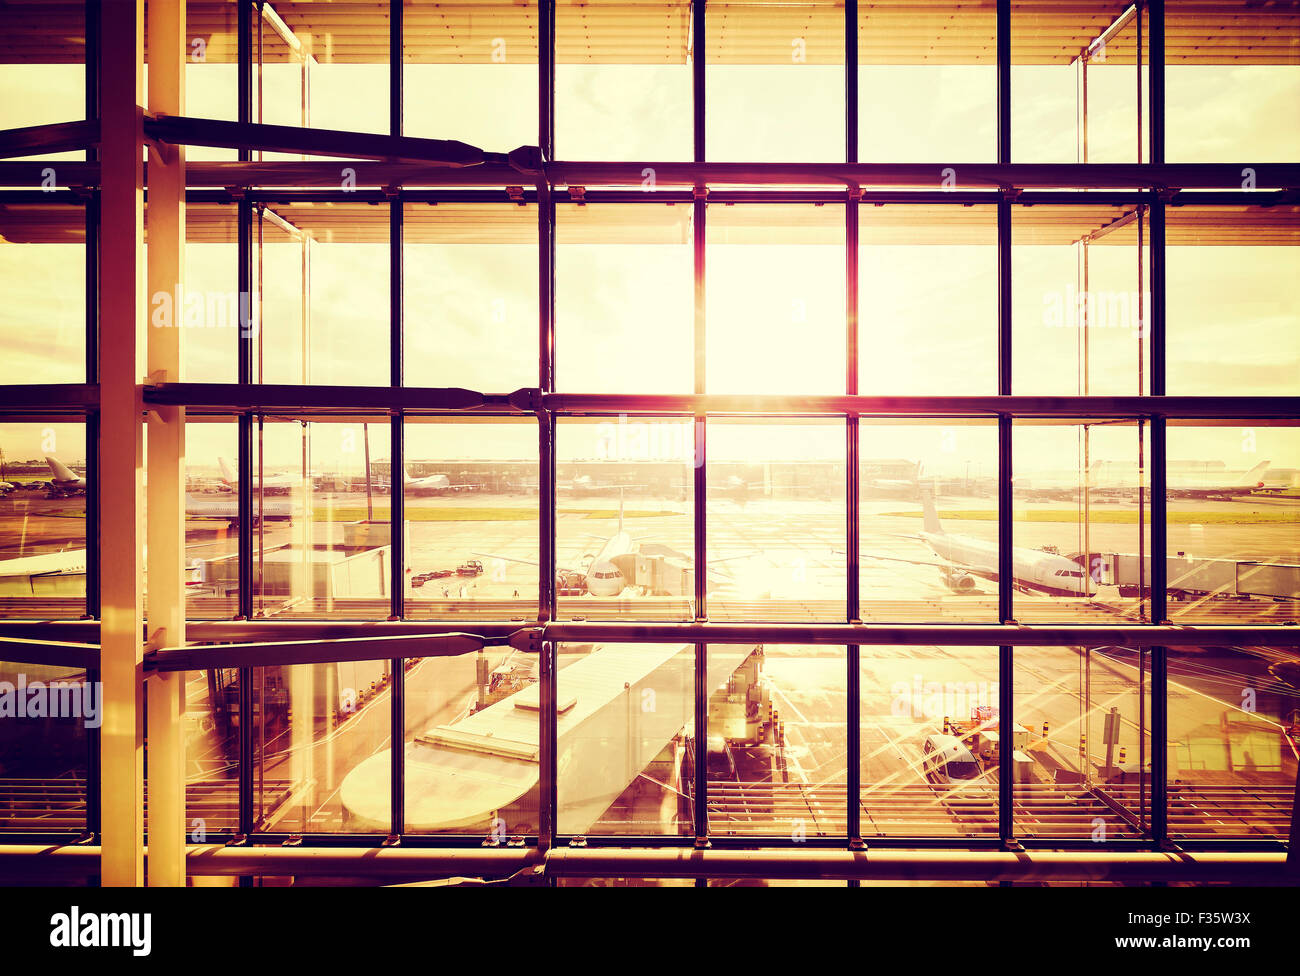 Vintage immagine filtrata di un aeroporto, trasporto e business travel concept. Immagini Stock